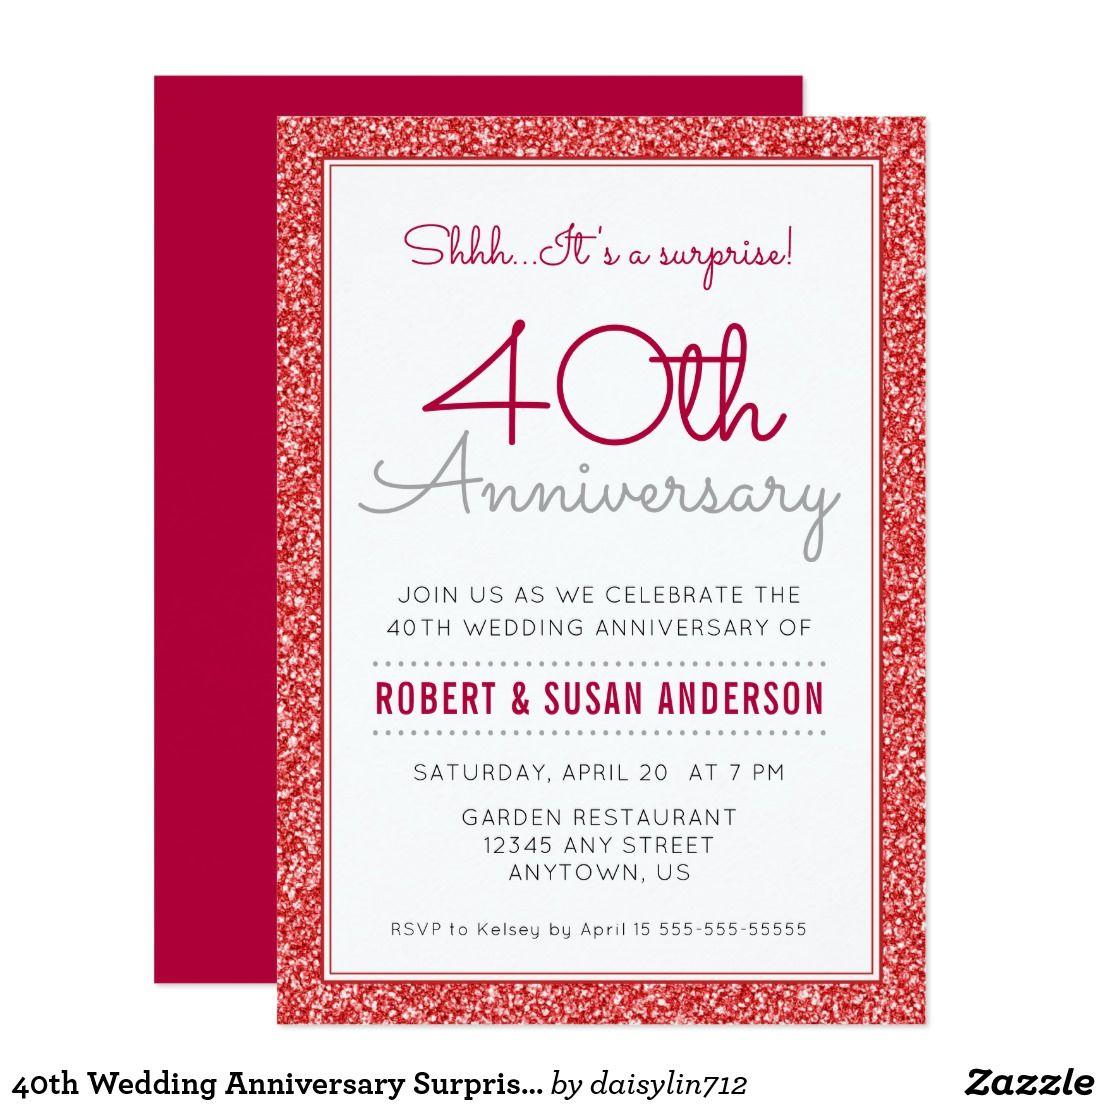 40th Wedding Anniversary Surprise Faux Red Glitter Invitation ...